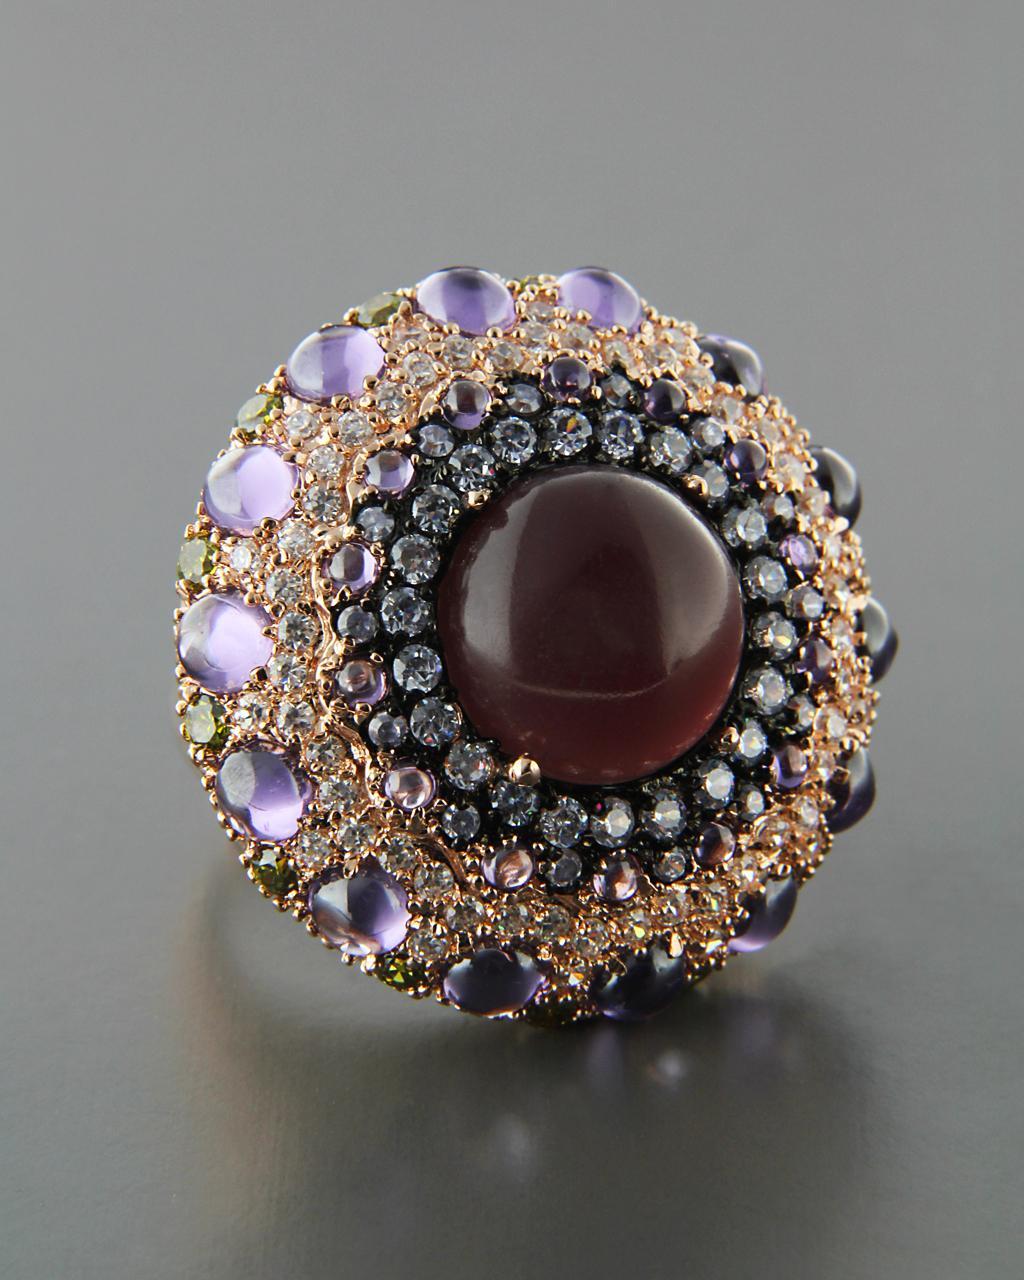 Δαχτυλίδι από ορείχαλκο με Ορυκτή πέτρα & Ζιργκόν   κοσμηματα δαχτυλίδια δαχτυλίδια fashion